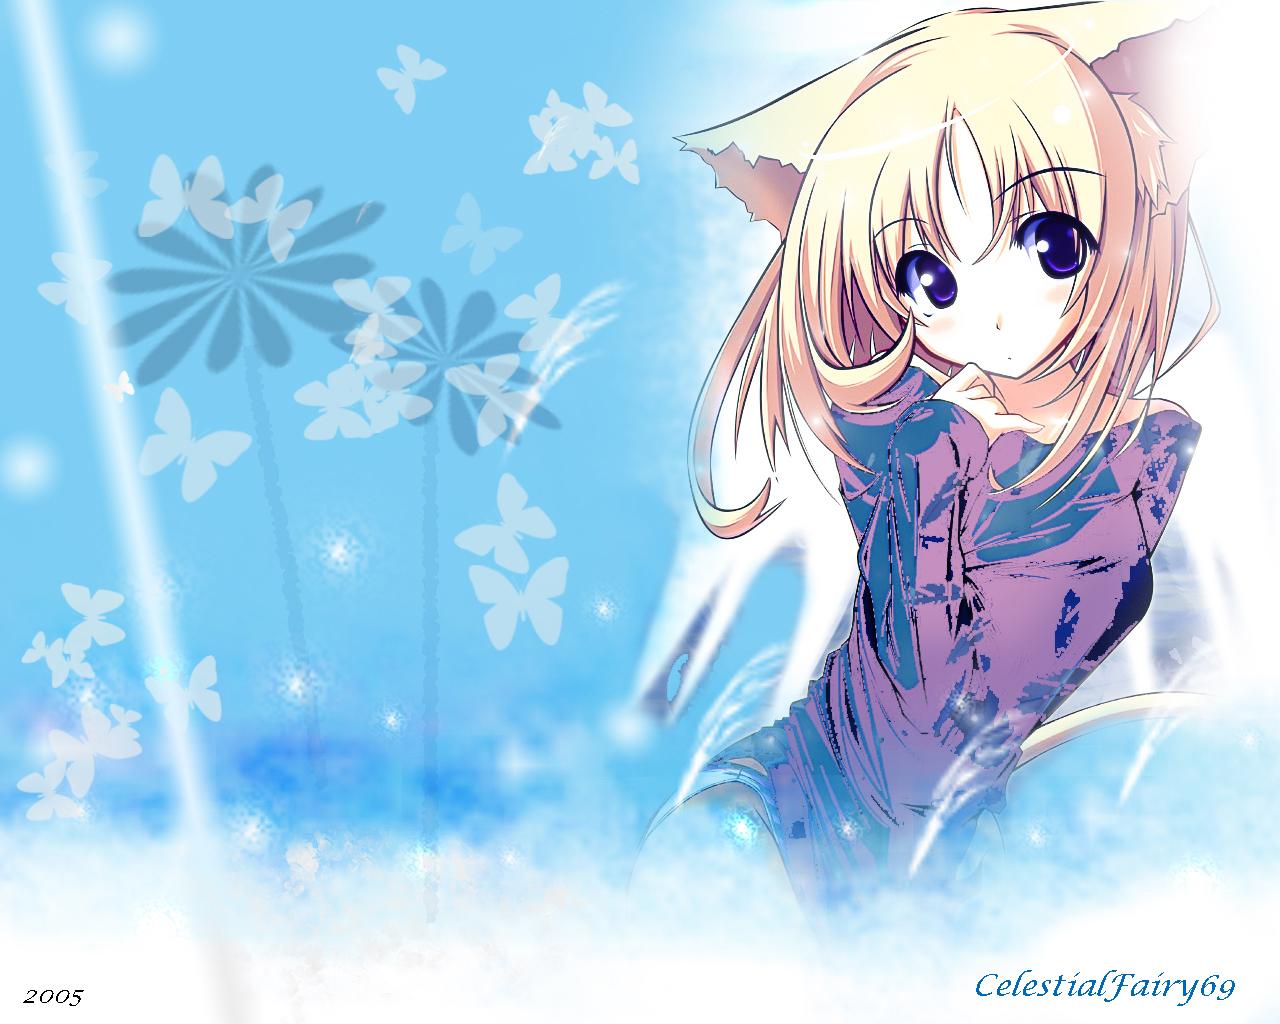 animal_ears blonde_hair blue_eyes catgirl panties short_hair signed tail underwear